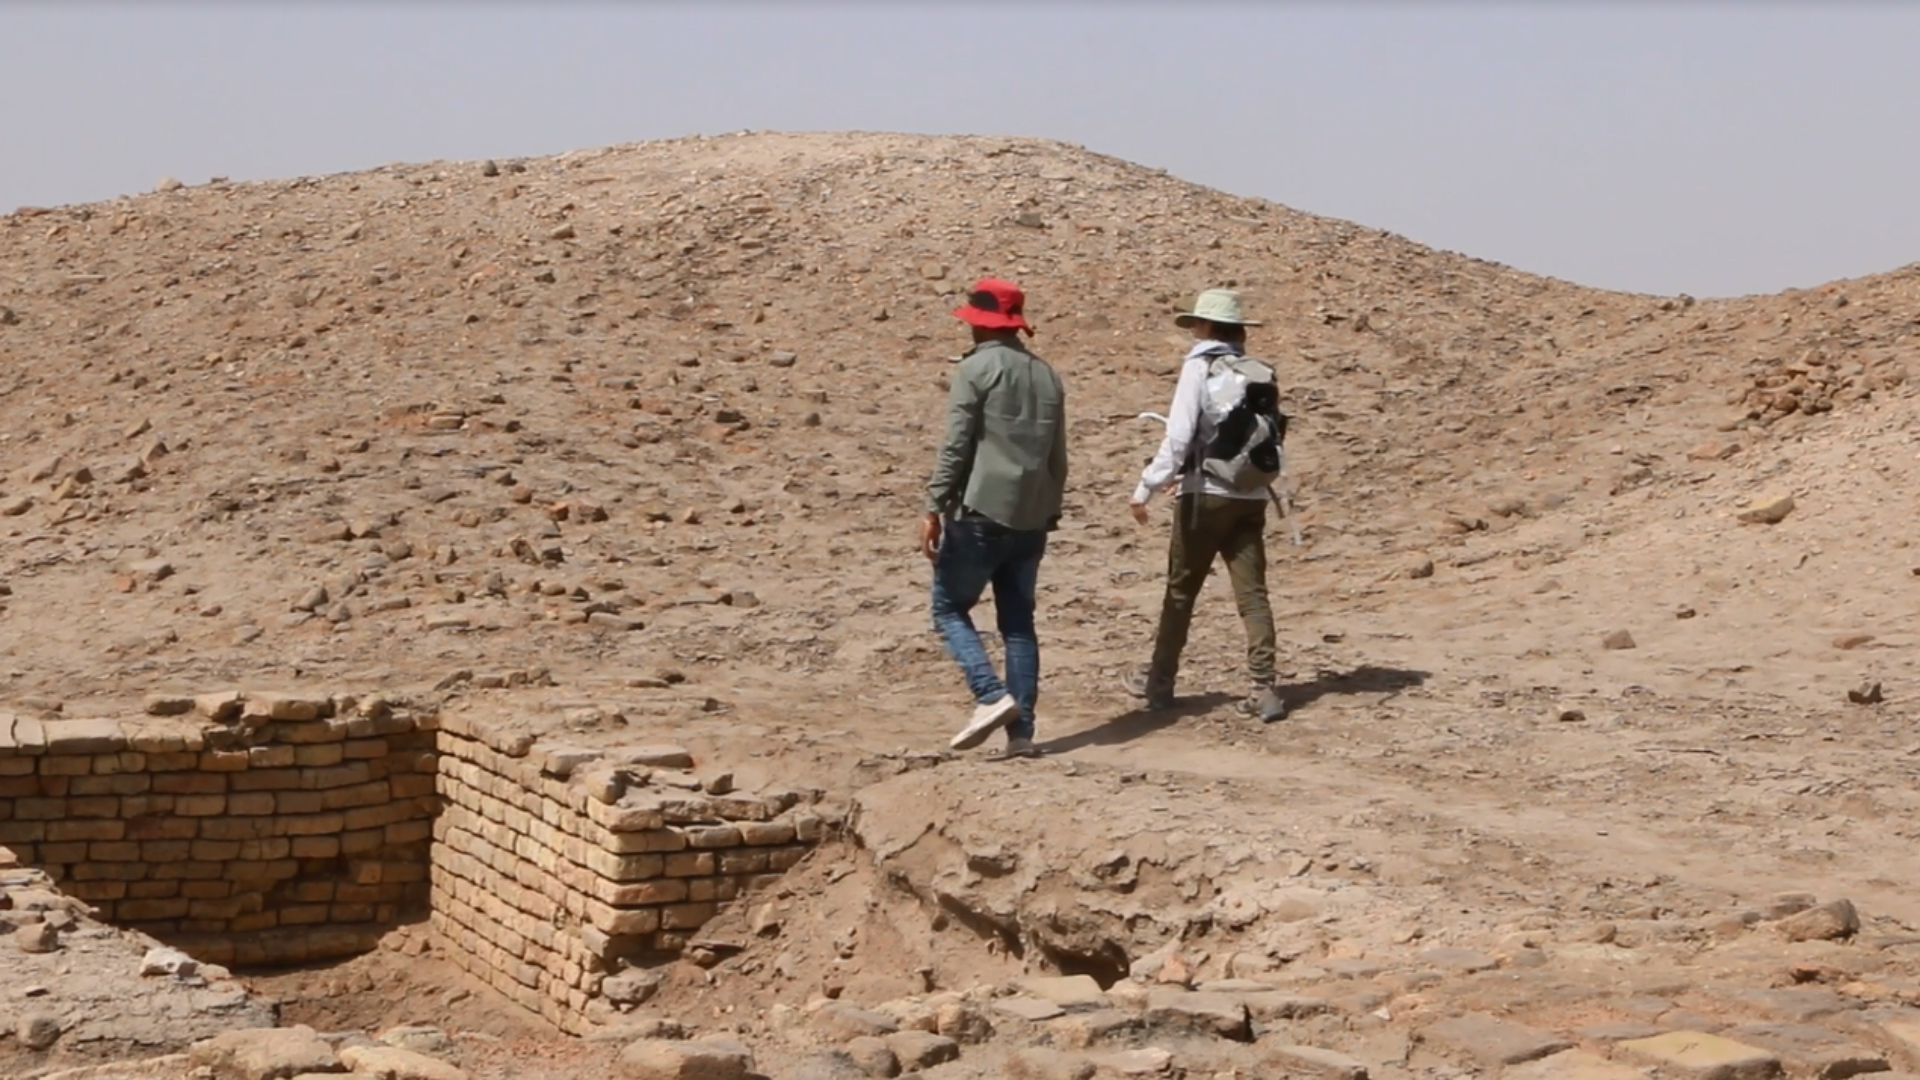 مدير ناحية بهرز يدعو الآثاريين للتنقيب جنوبي بعقوبة